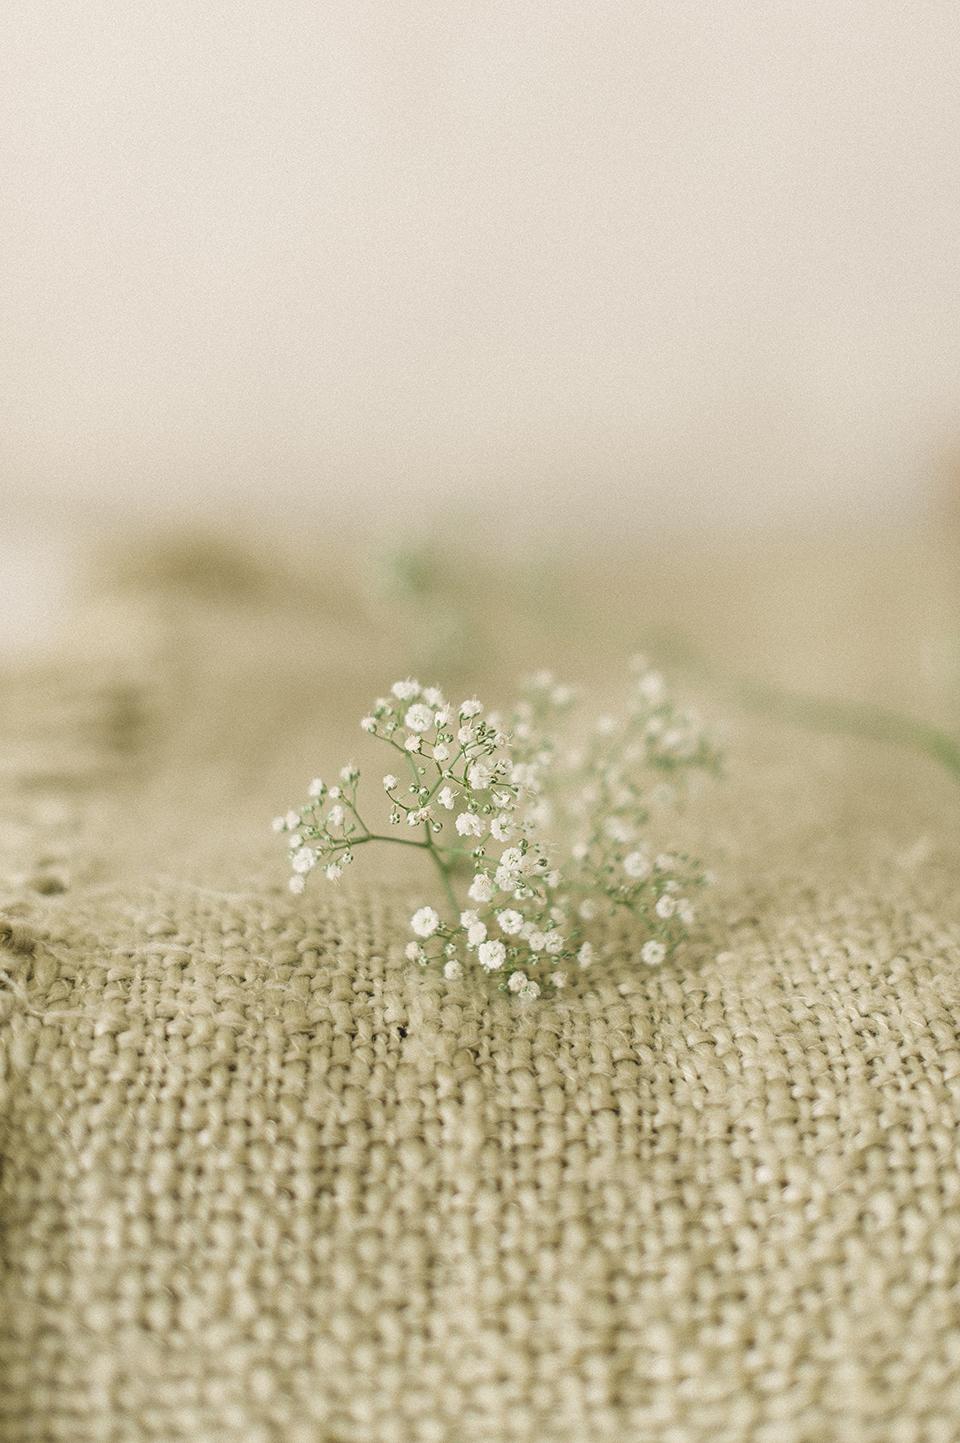 RyanParker_WeddingPhotographer_FineArt_CapeTown_Stanford_Hermanus_J&I_DSC_0121.jpg